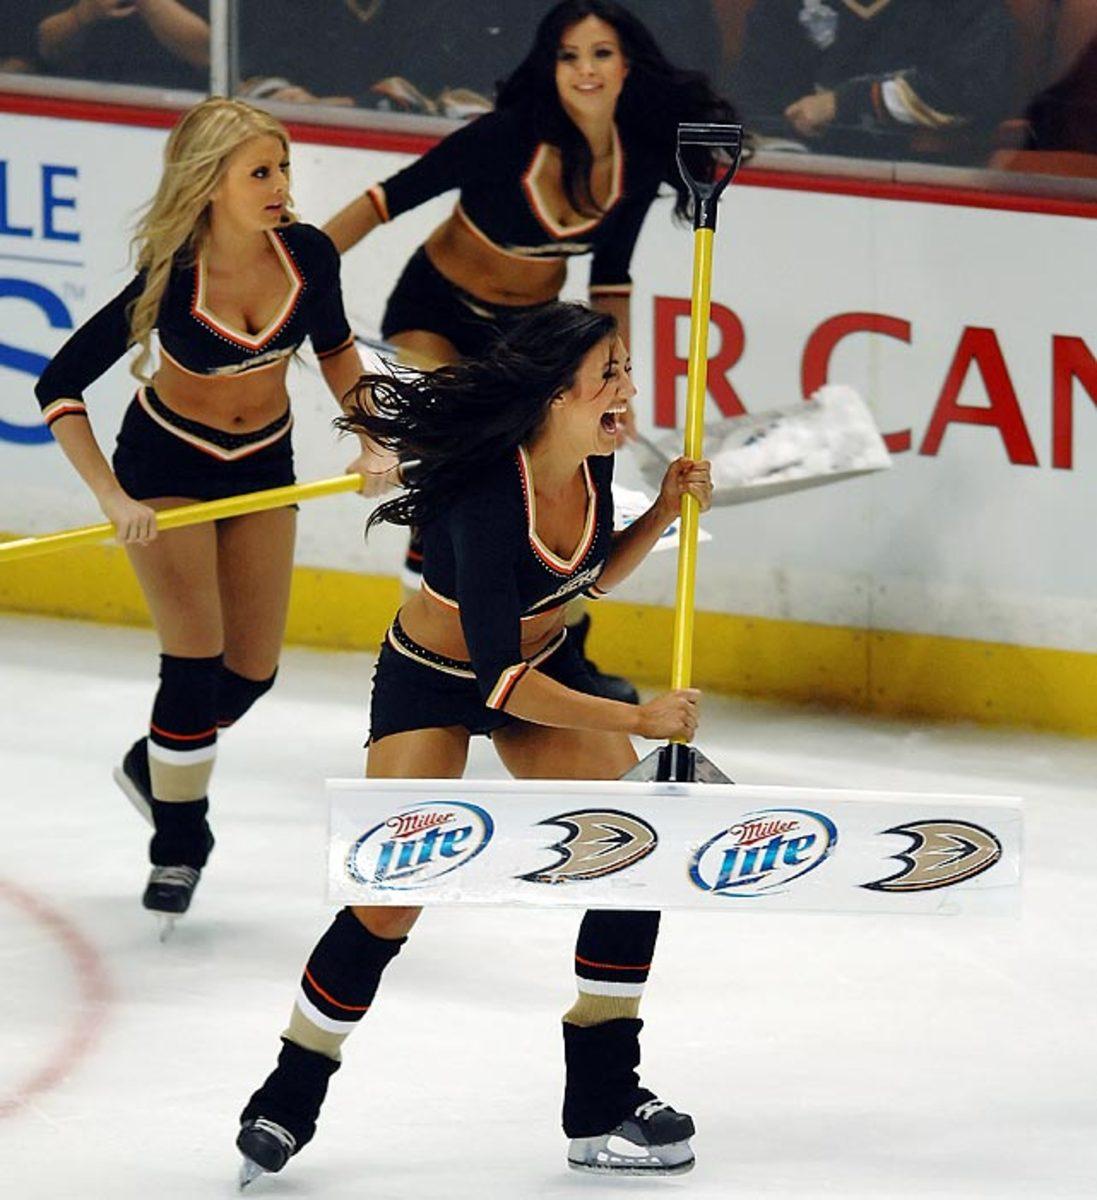 ducks-power-player-ice-girls-5061012196523.jpg